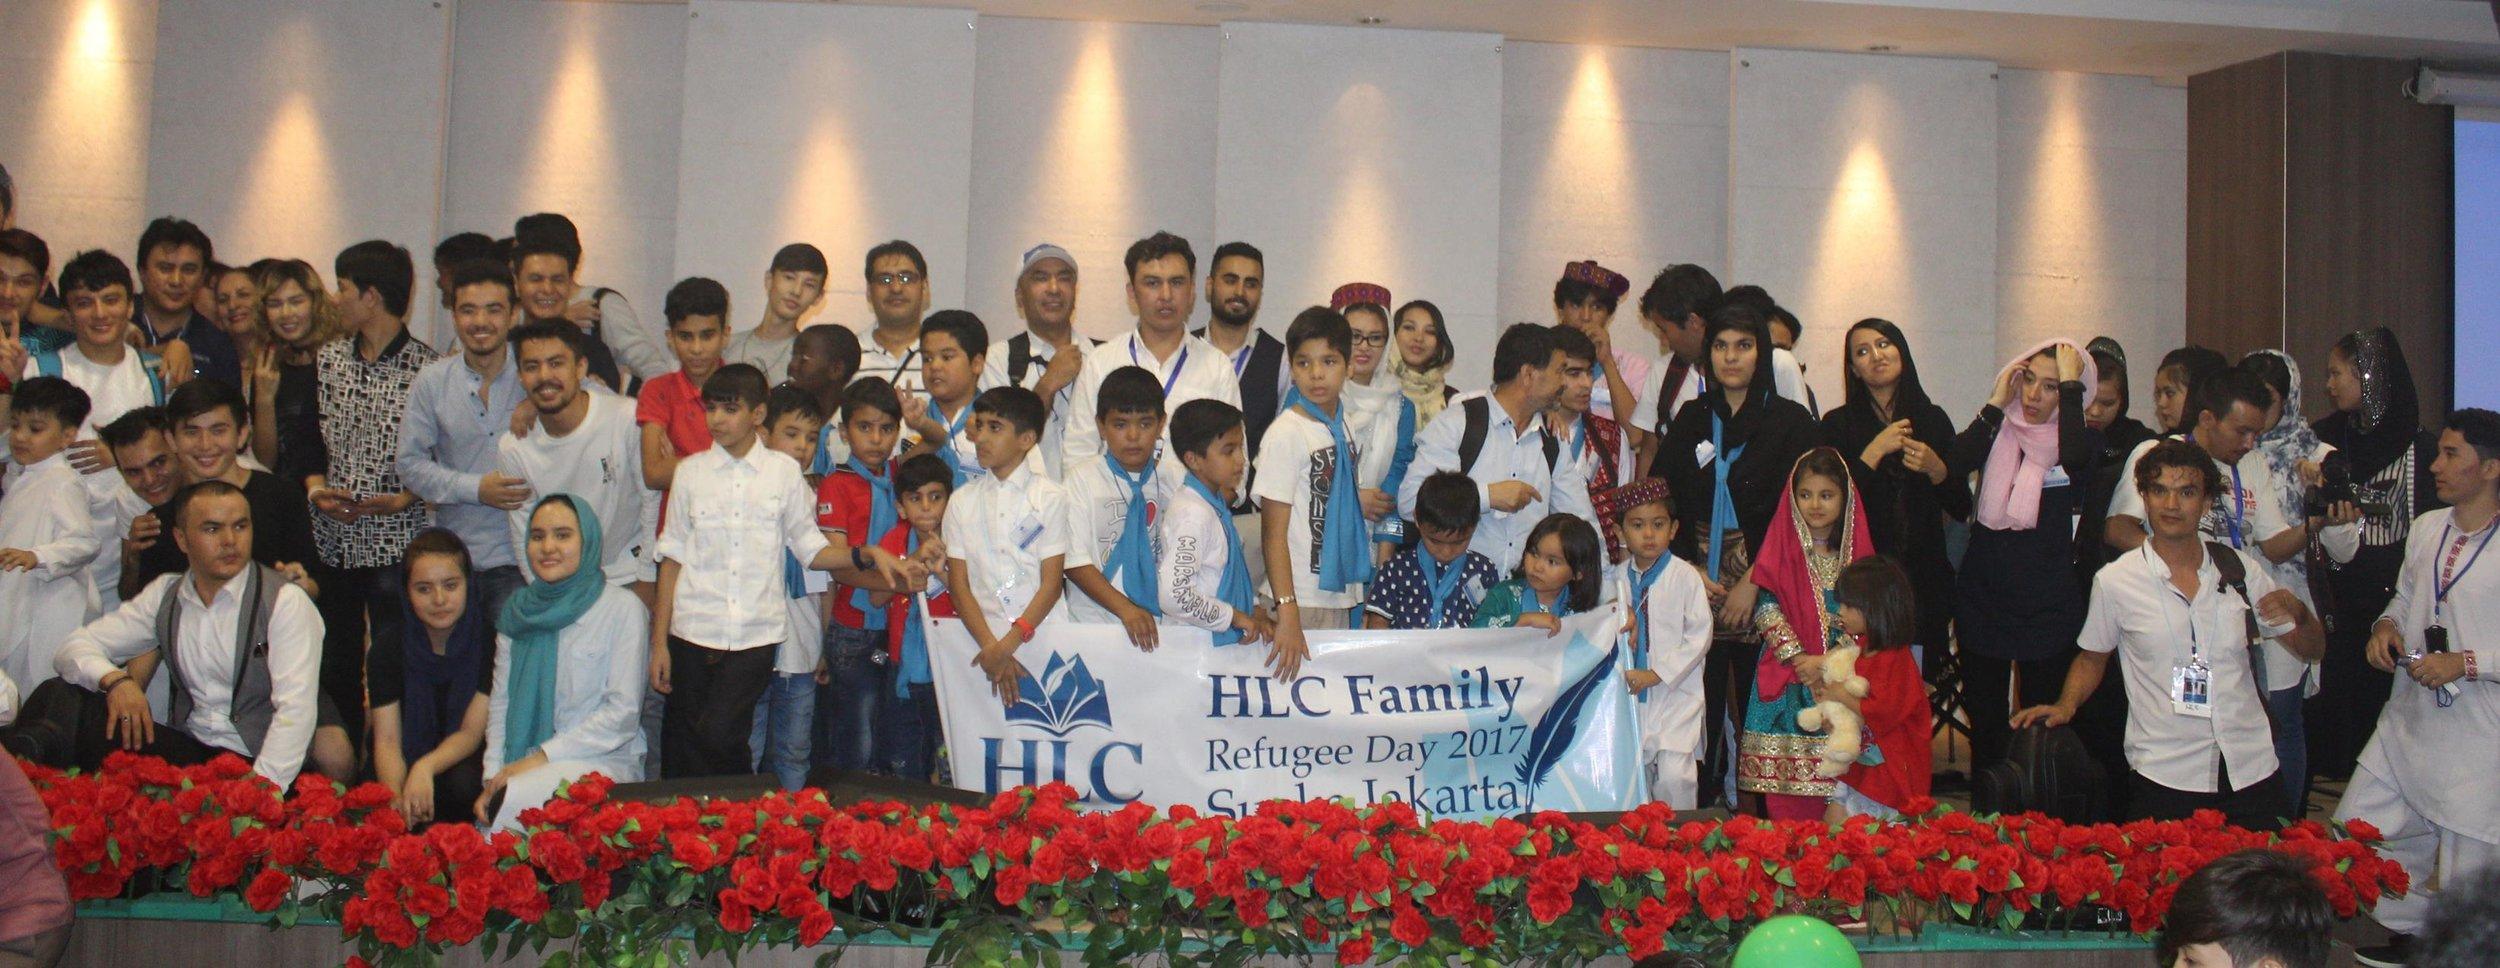 HLC 15.jpg